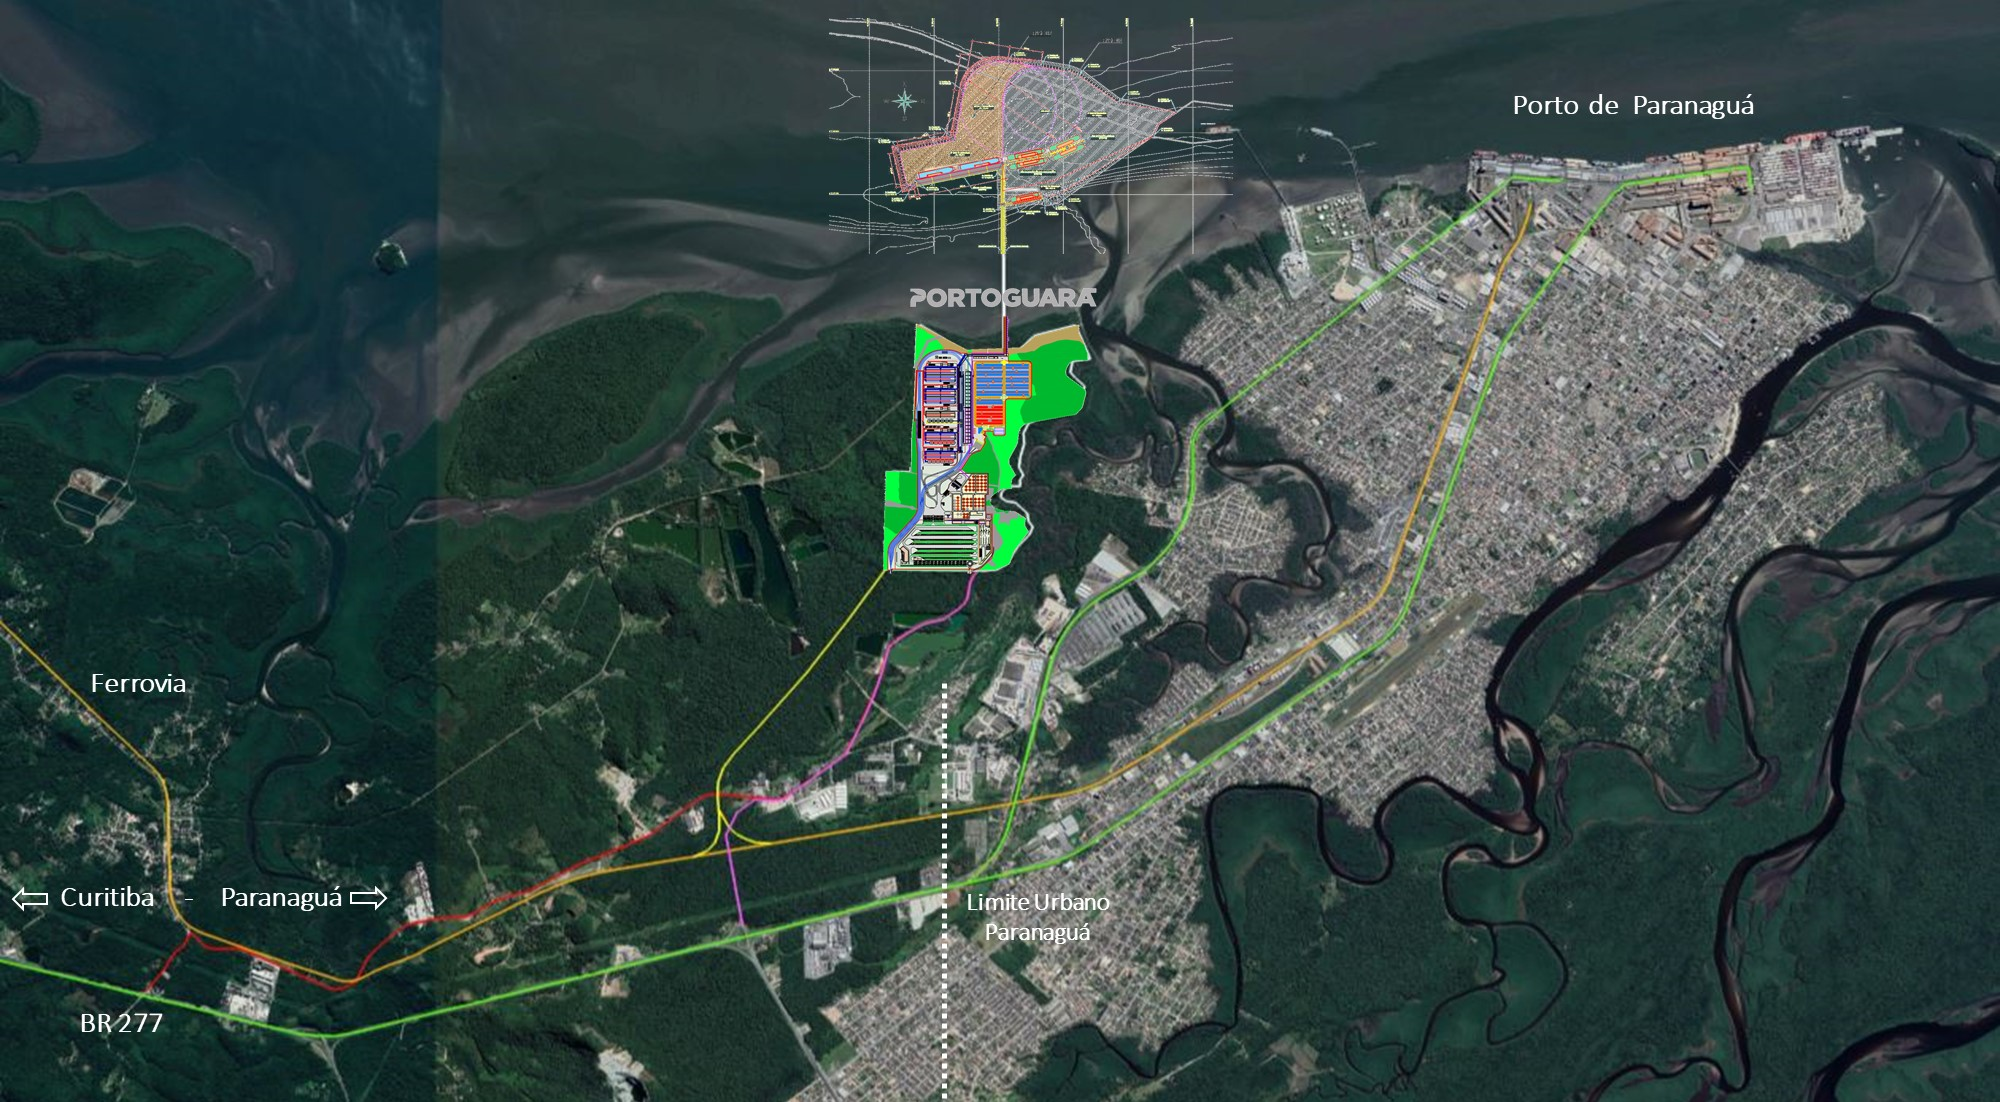 O Portoguara terá 1,2 milhão de metros quadrados de área operacional. (Divulgação/Portoguara).